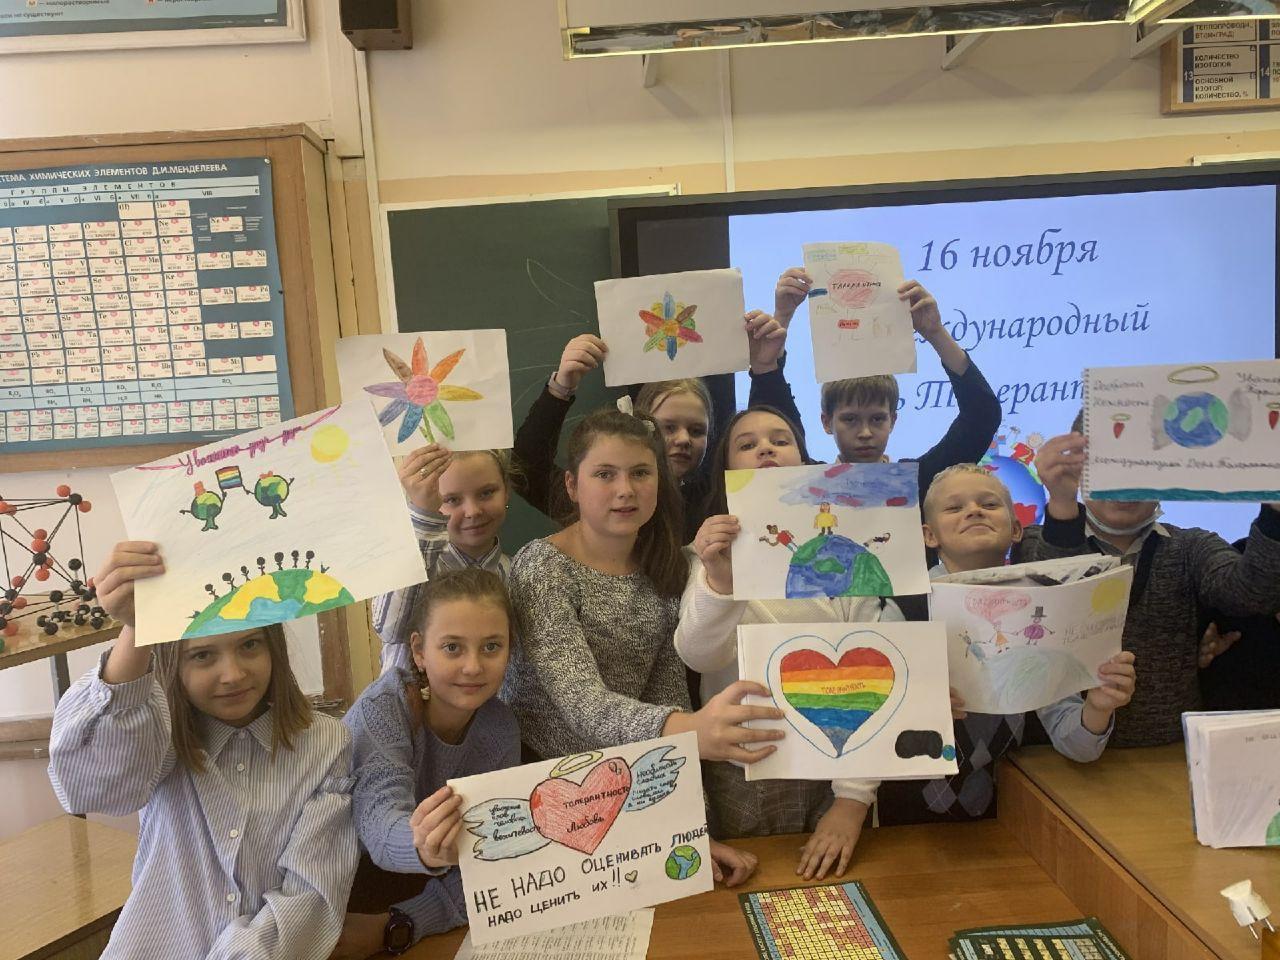 В одной из московских школ пропагандировали ЛГБТ